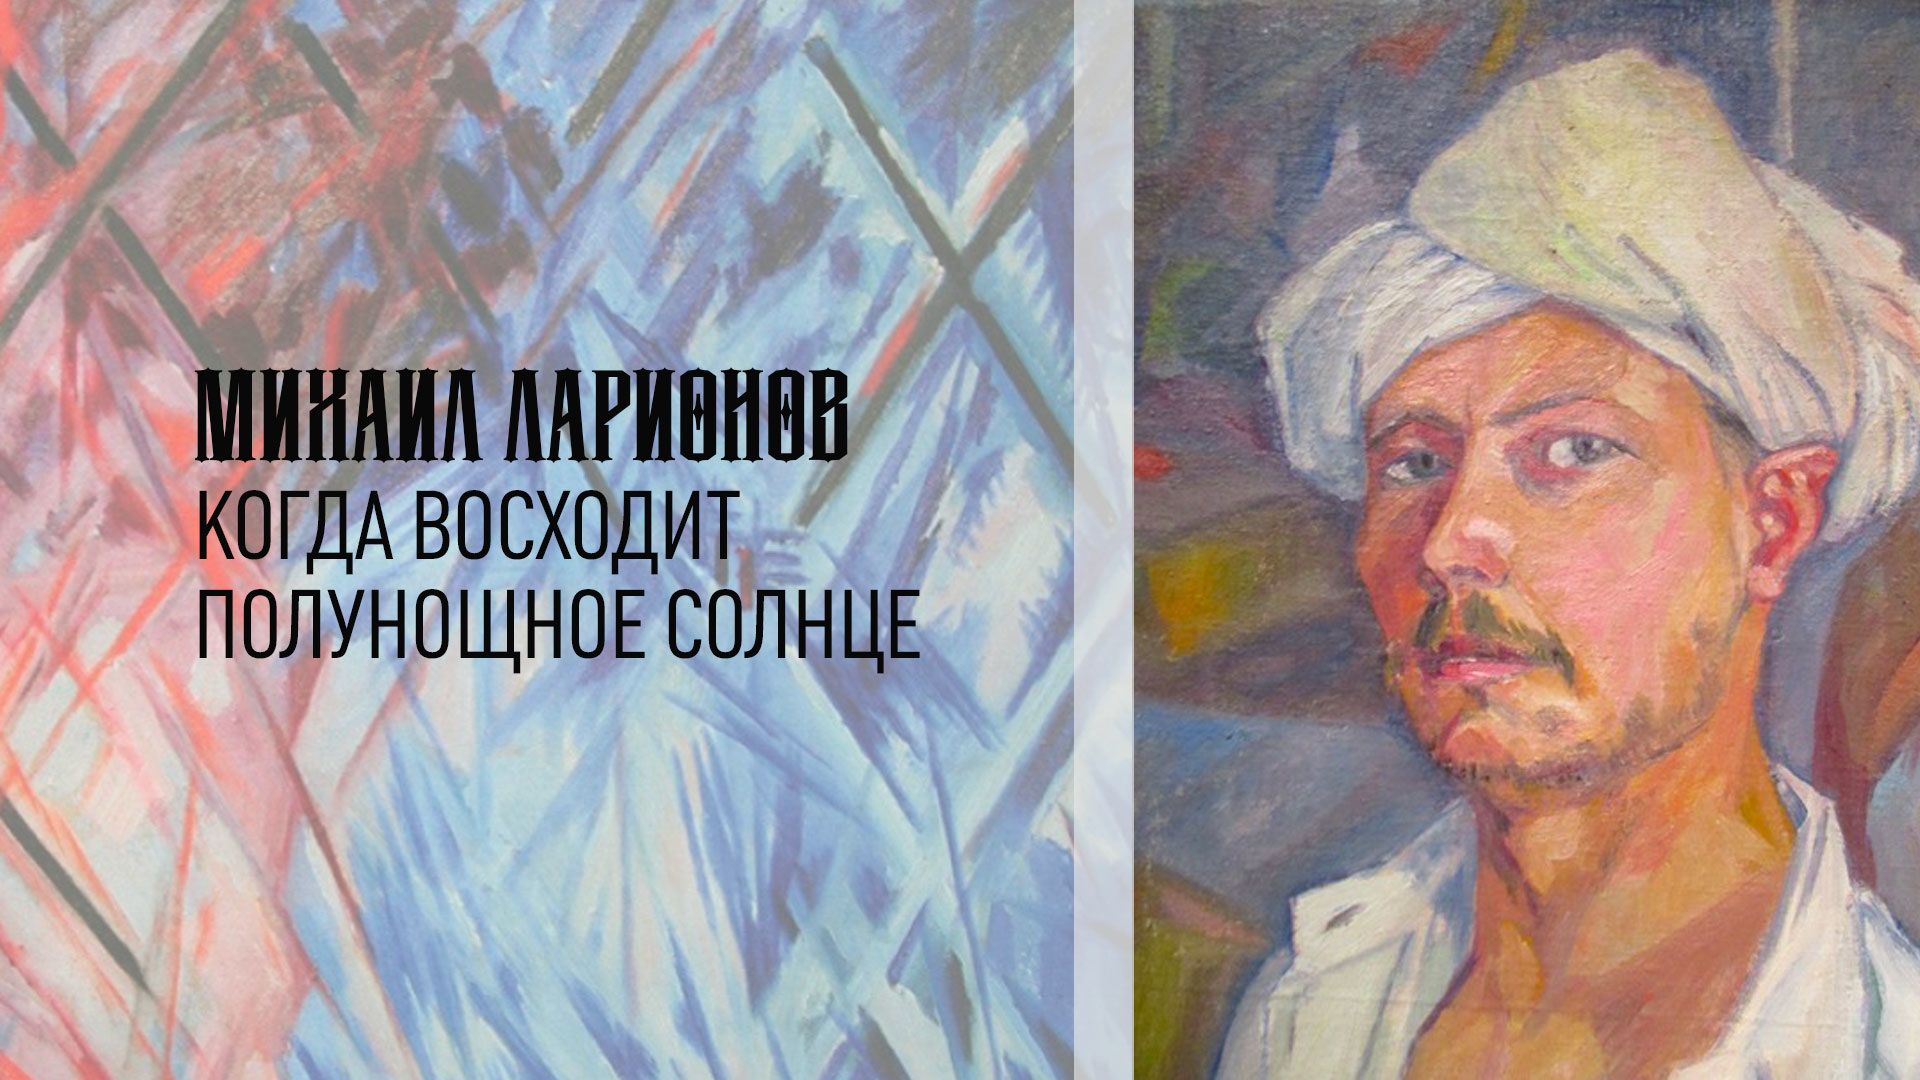 Михаил Ларионов. Когда восходит полунощное солнце